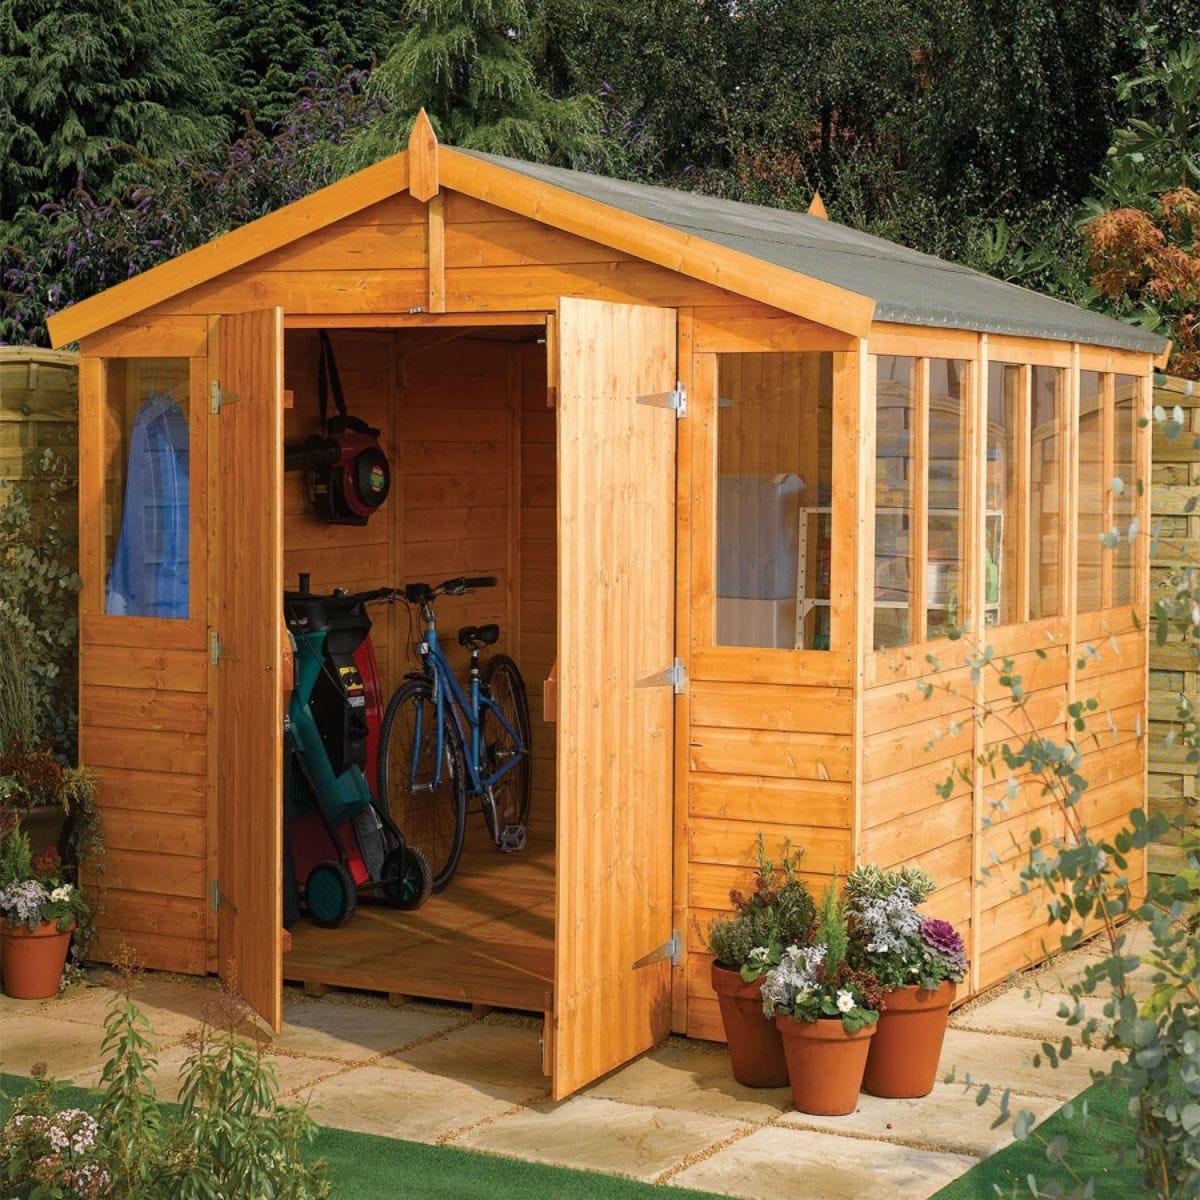 Rowlinson 9' x 6' Wooden Workshop